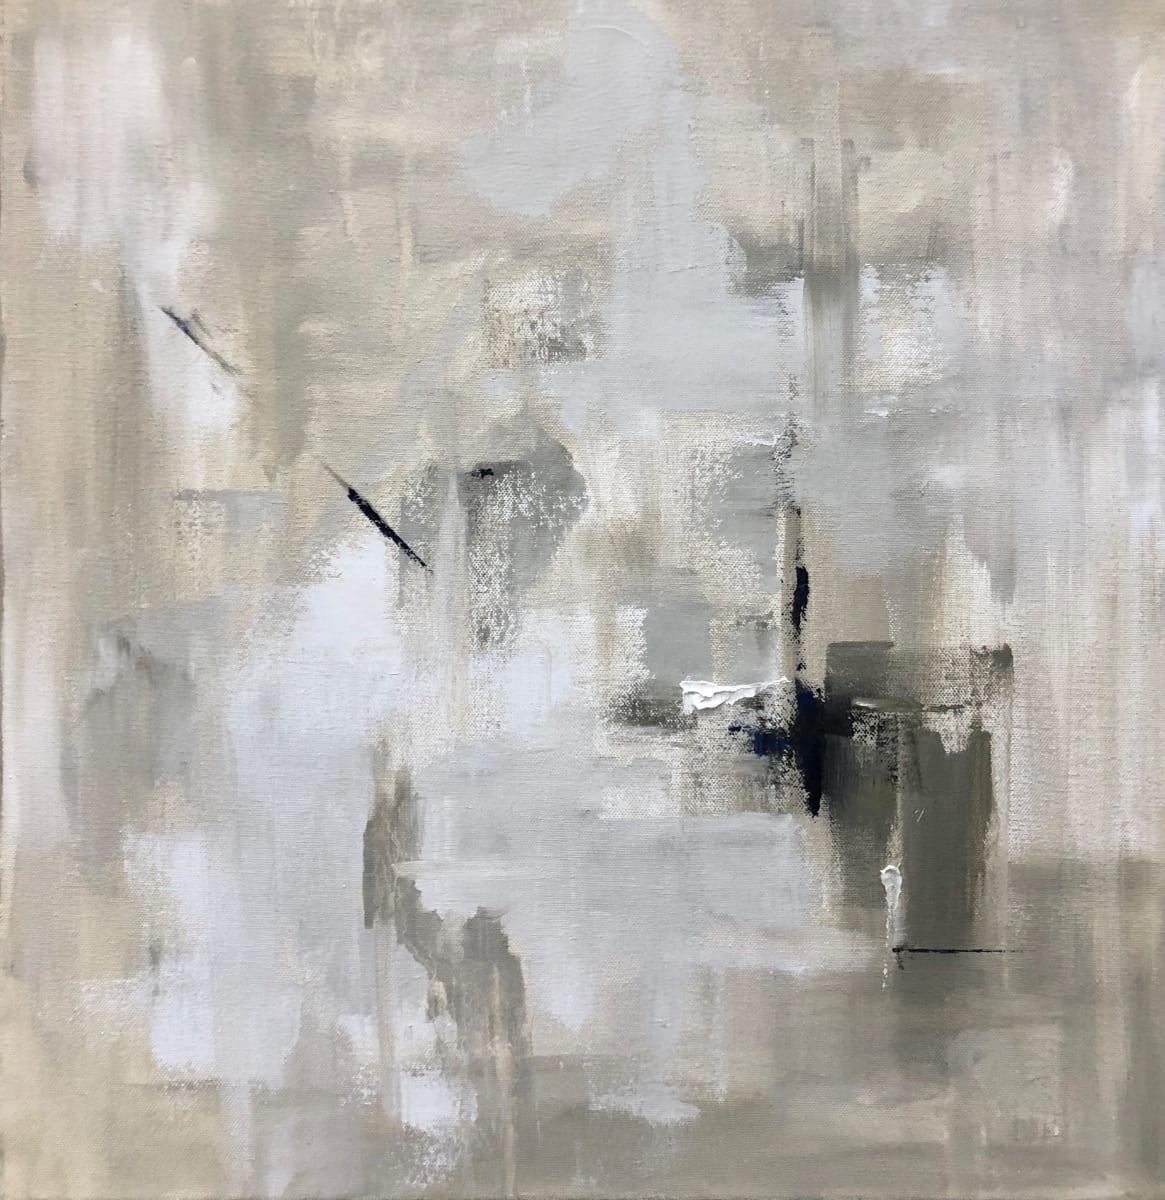 Outside the Lines by Brenda Sulmonetti